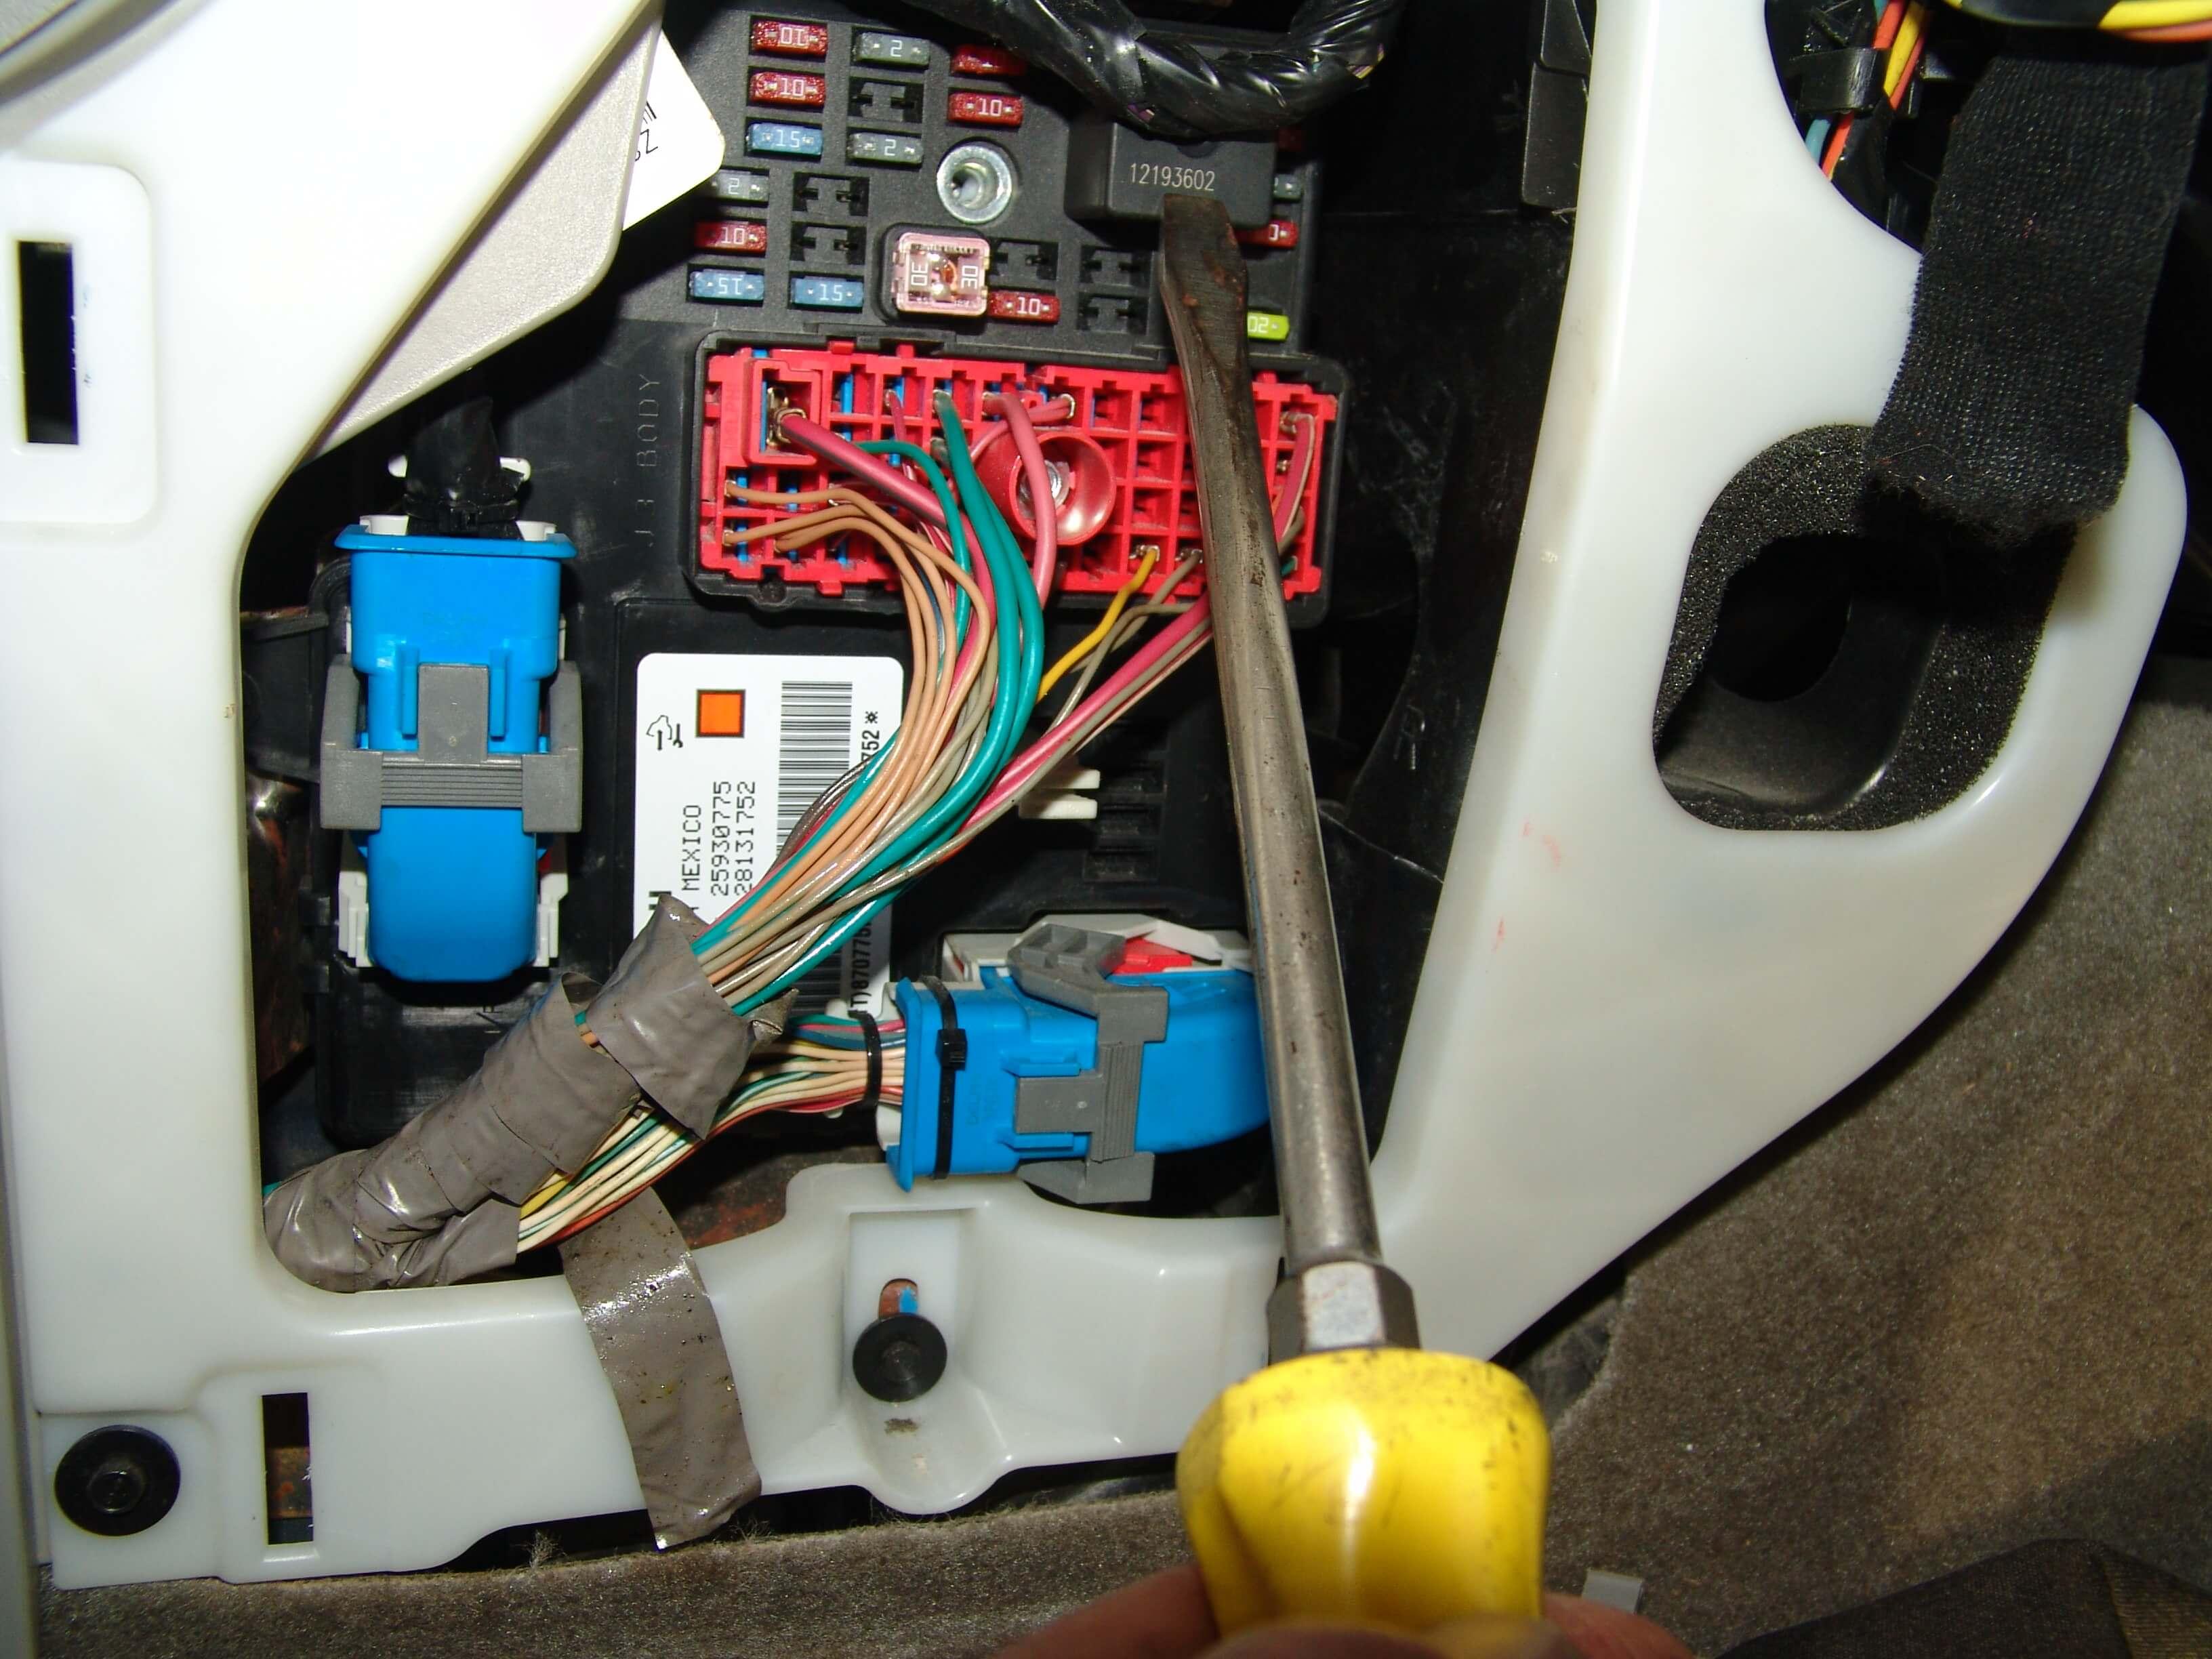 2006 chevy cobalt ls radio wiring diagram 6 way trailer connector fuse box colorado